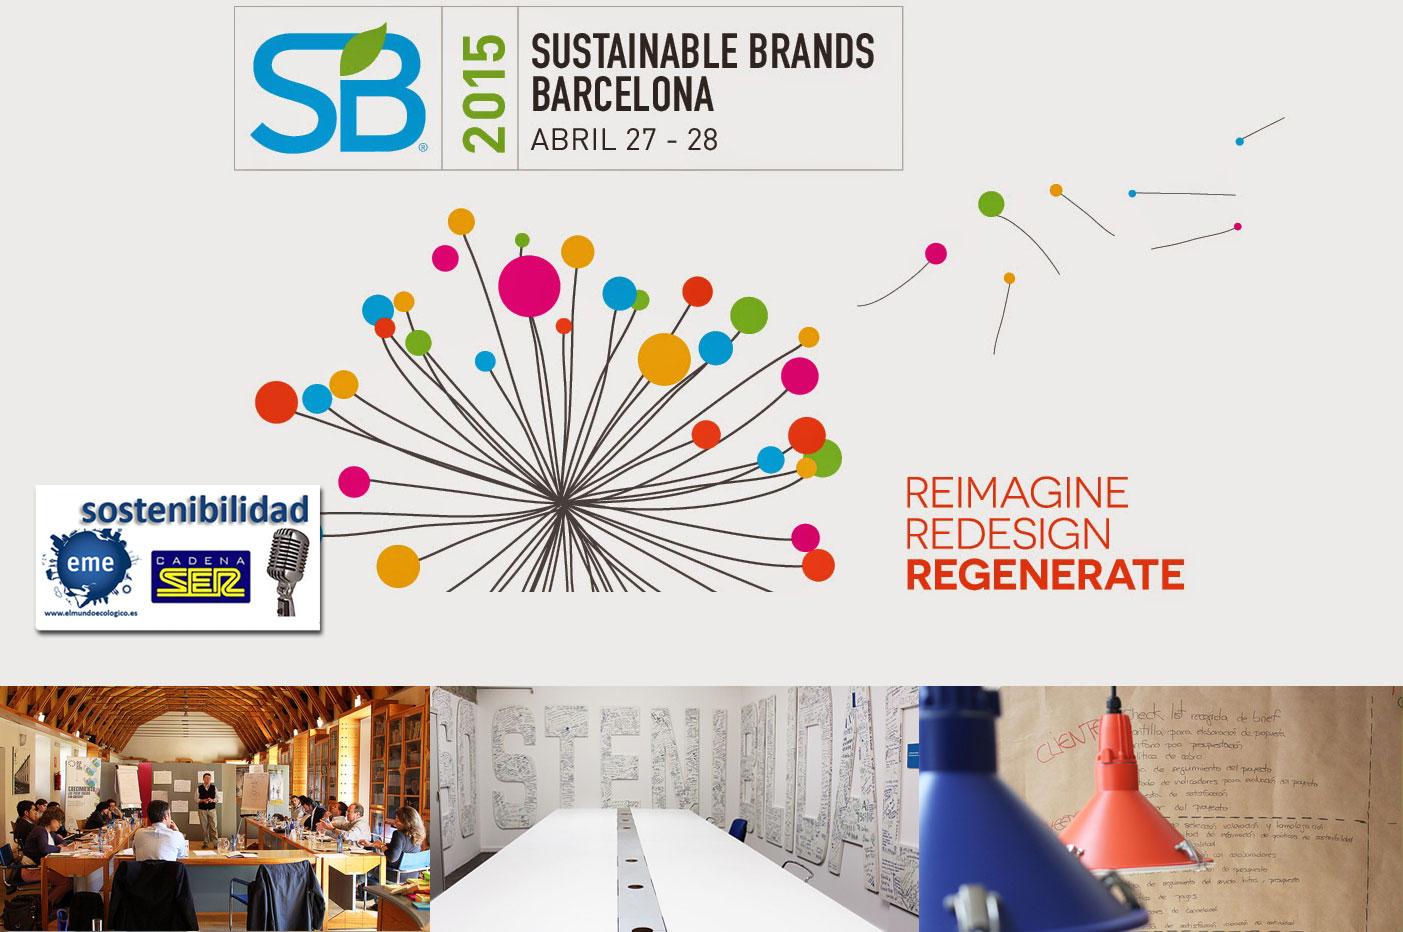 Marcas y sostenibilidad, las empresas piensan en su futuro